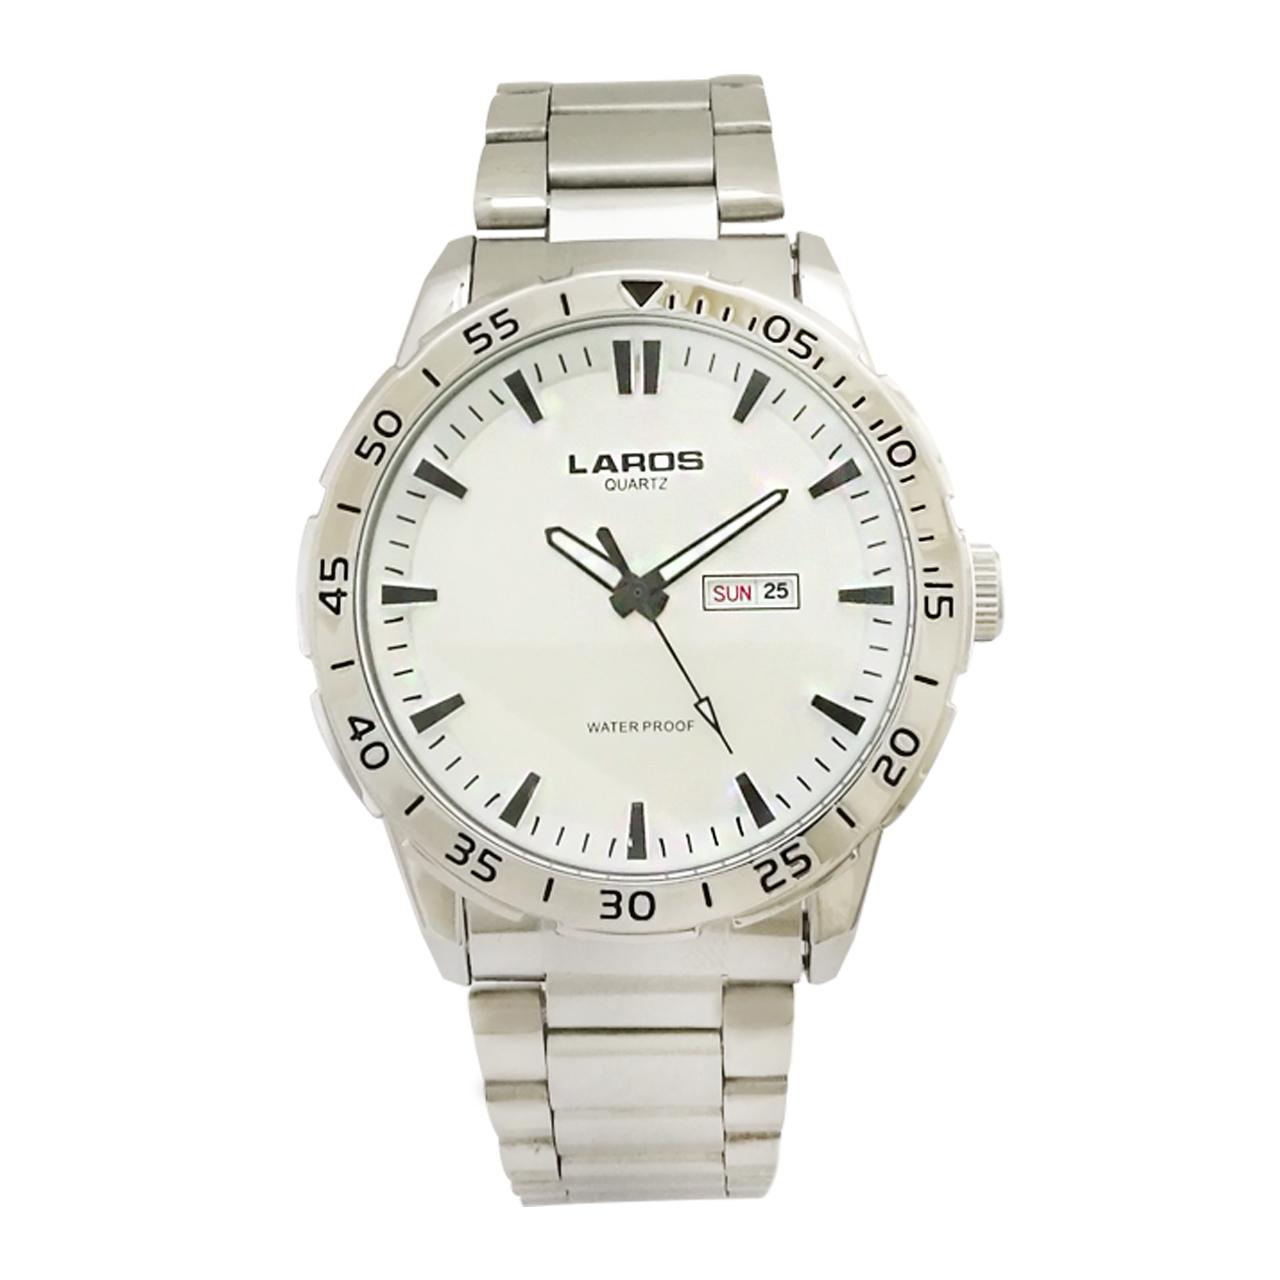 ساعت مچی عقربه ای مردانه لاروس مدل 0817-79943-DD به همراه دستمال مخصوص برند کلین واچ 10